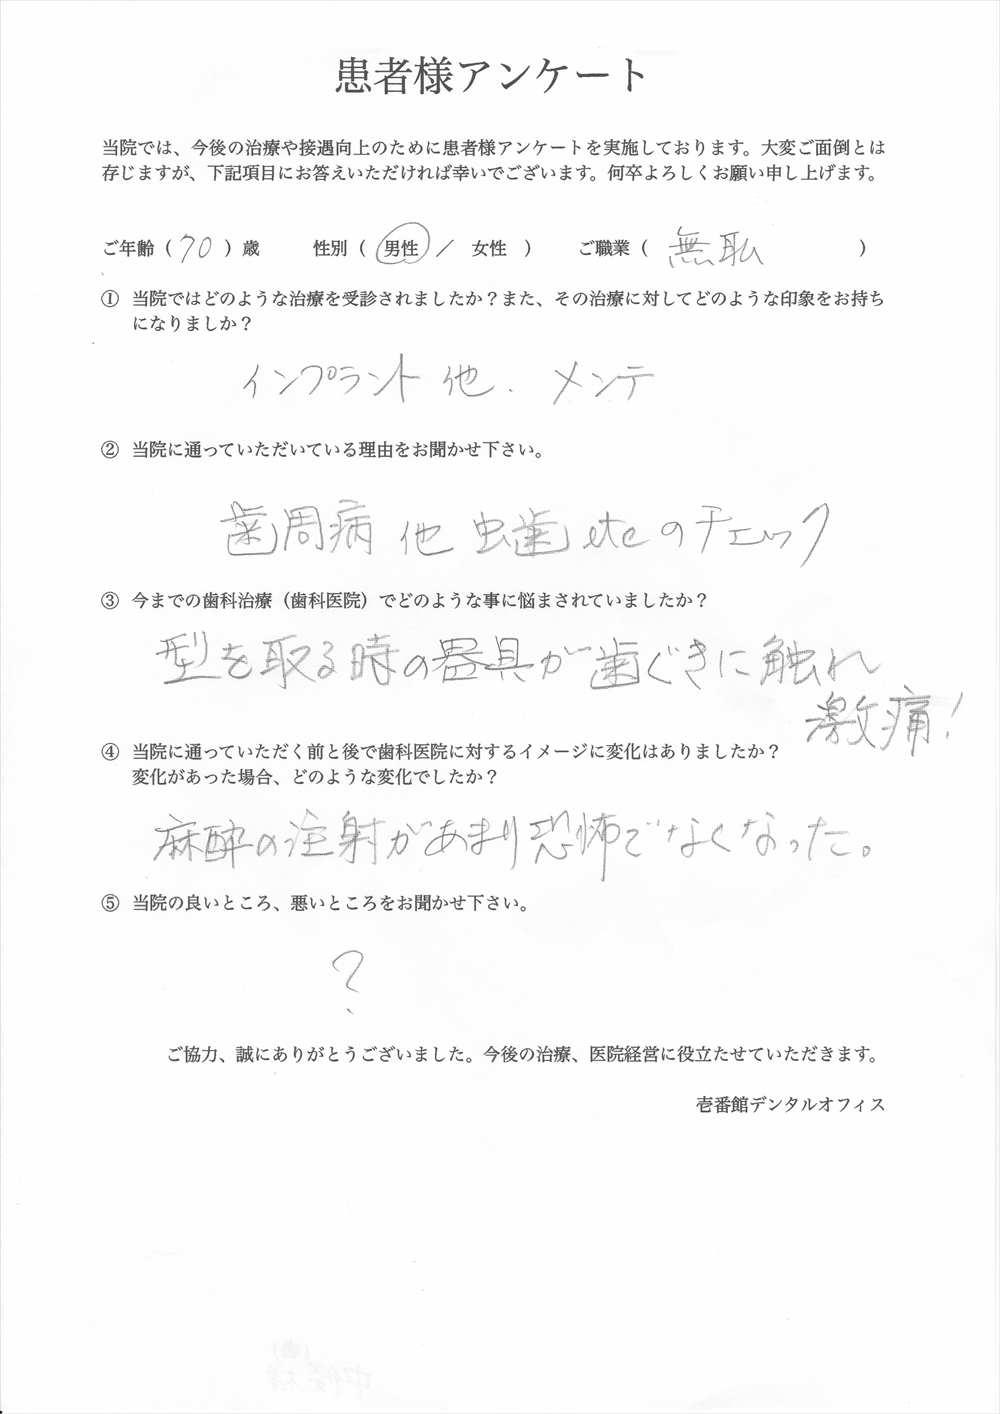 壱番館デンタルオフィス口コミ評判アンケート2